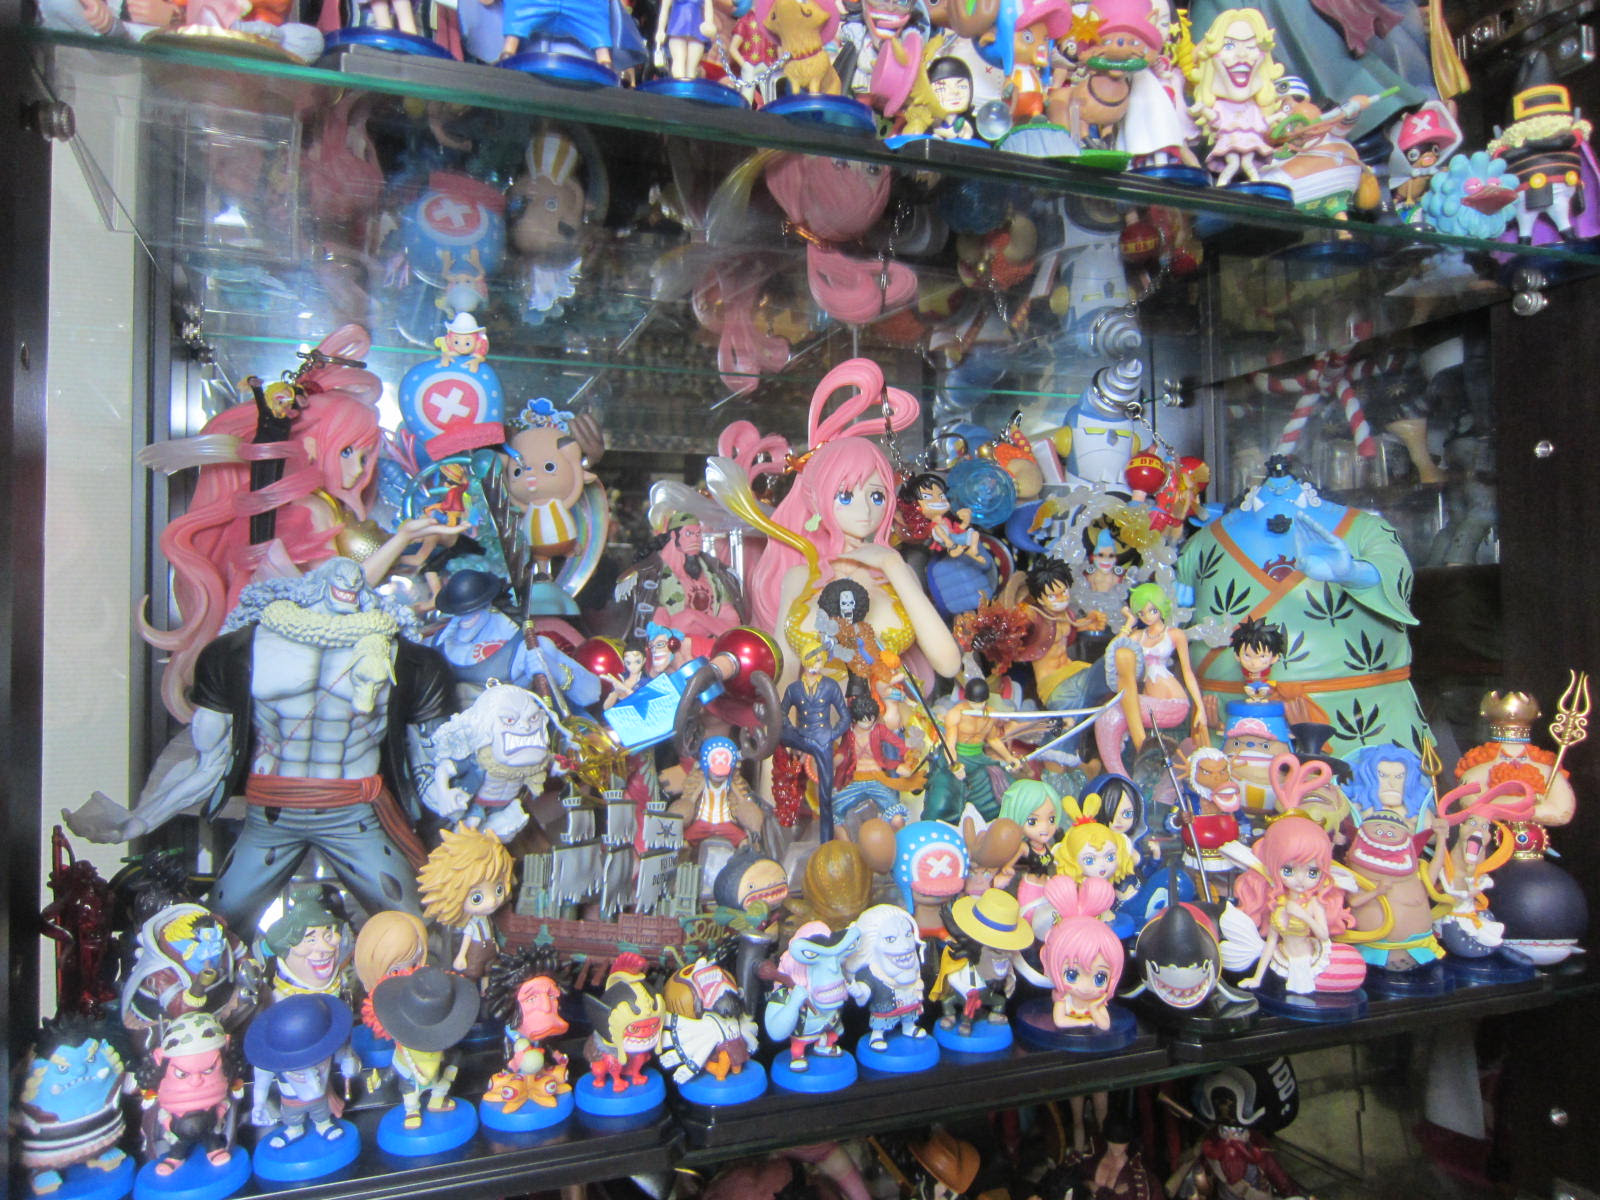 ワンピースフィギュアケース 魚人島編 南国の遊び部屋